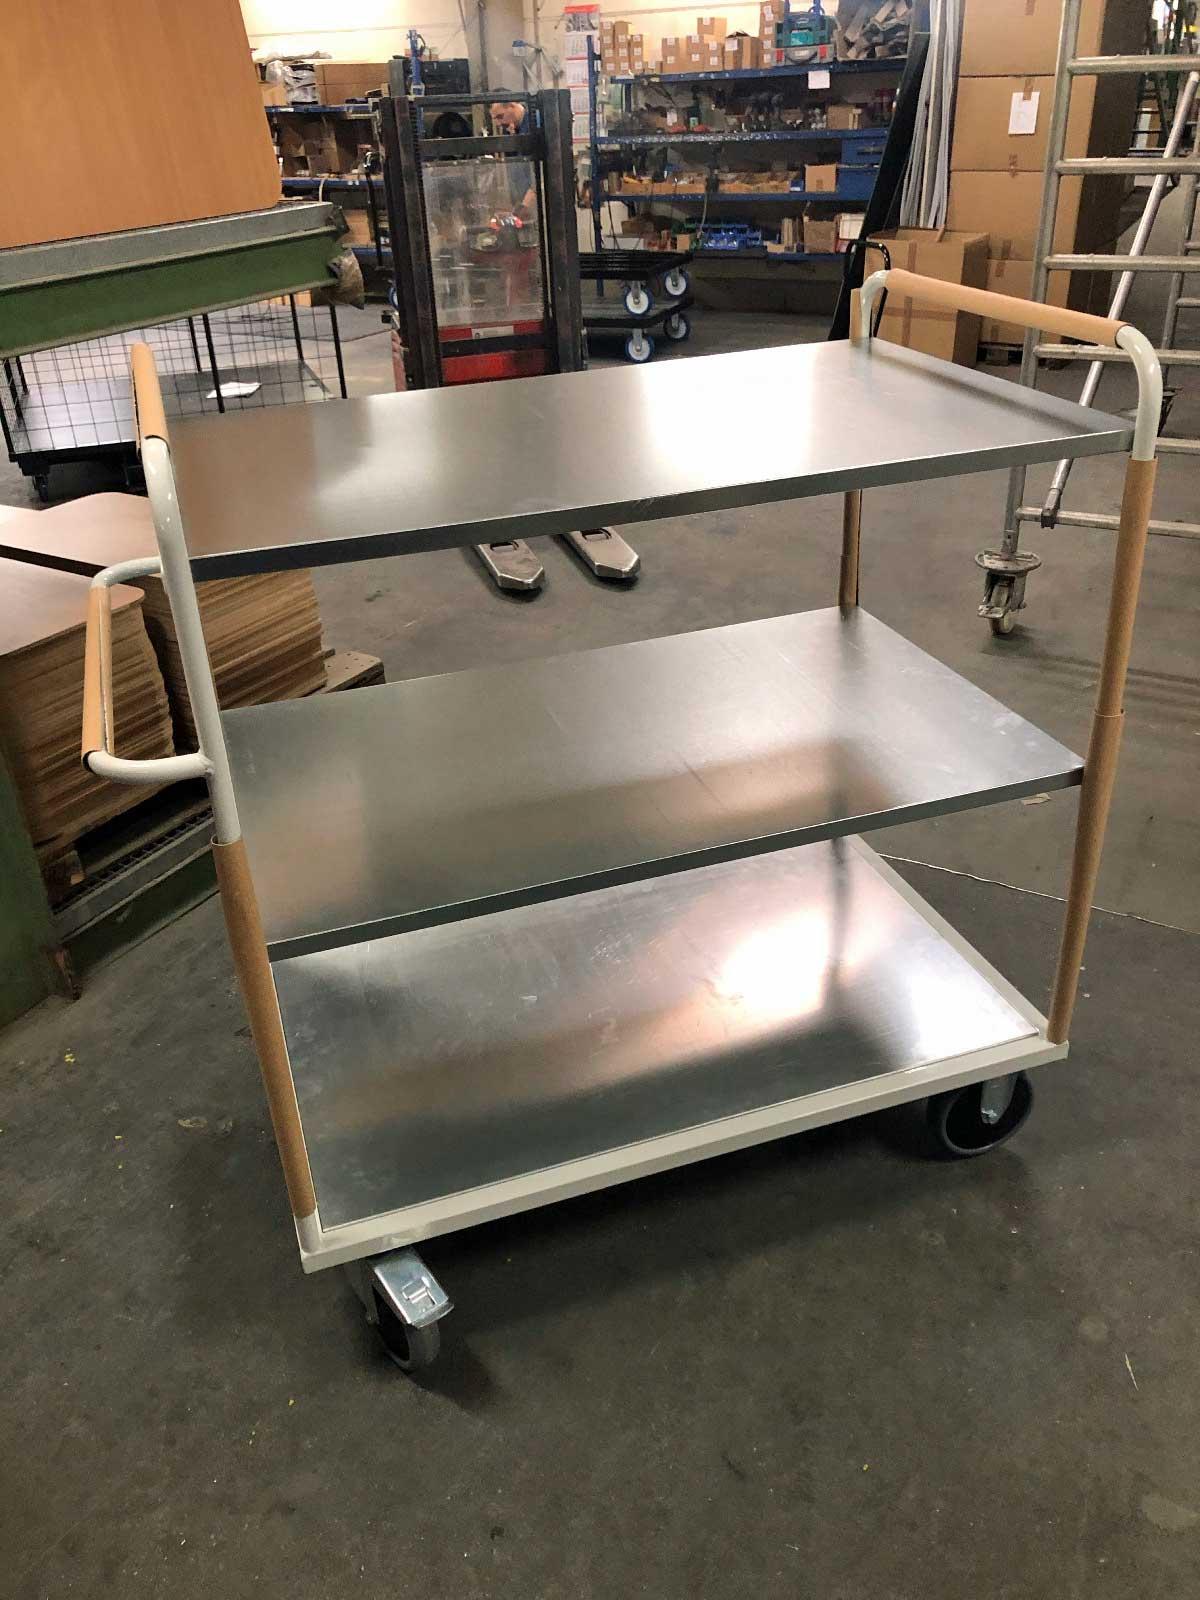 Tischwagen mit Wärme ableitenden, verzinkten Stahlböden (80kg Flächenlast), Rahmen des Etagenwagens in RAL 7035 lichtgrau pulverbeschichtet